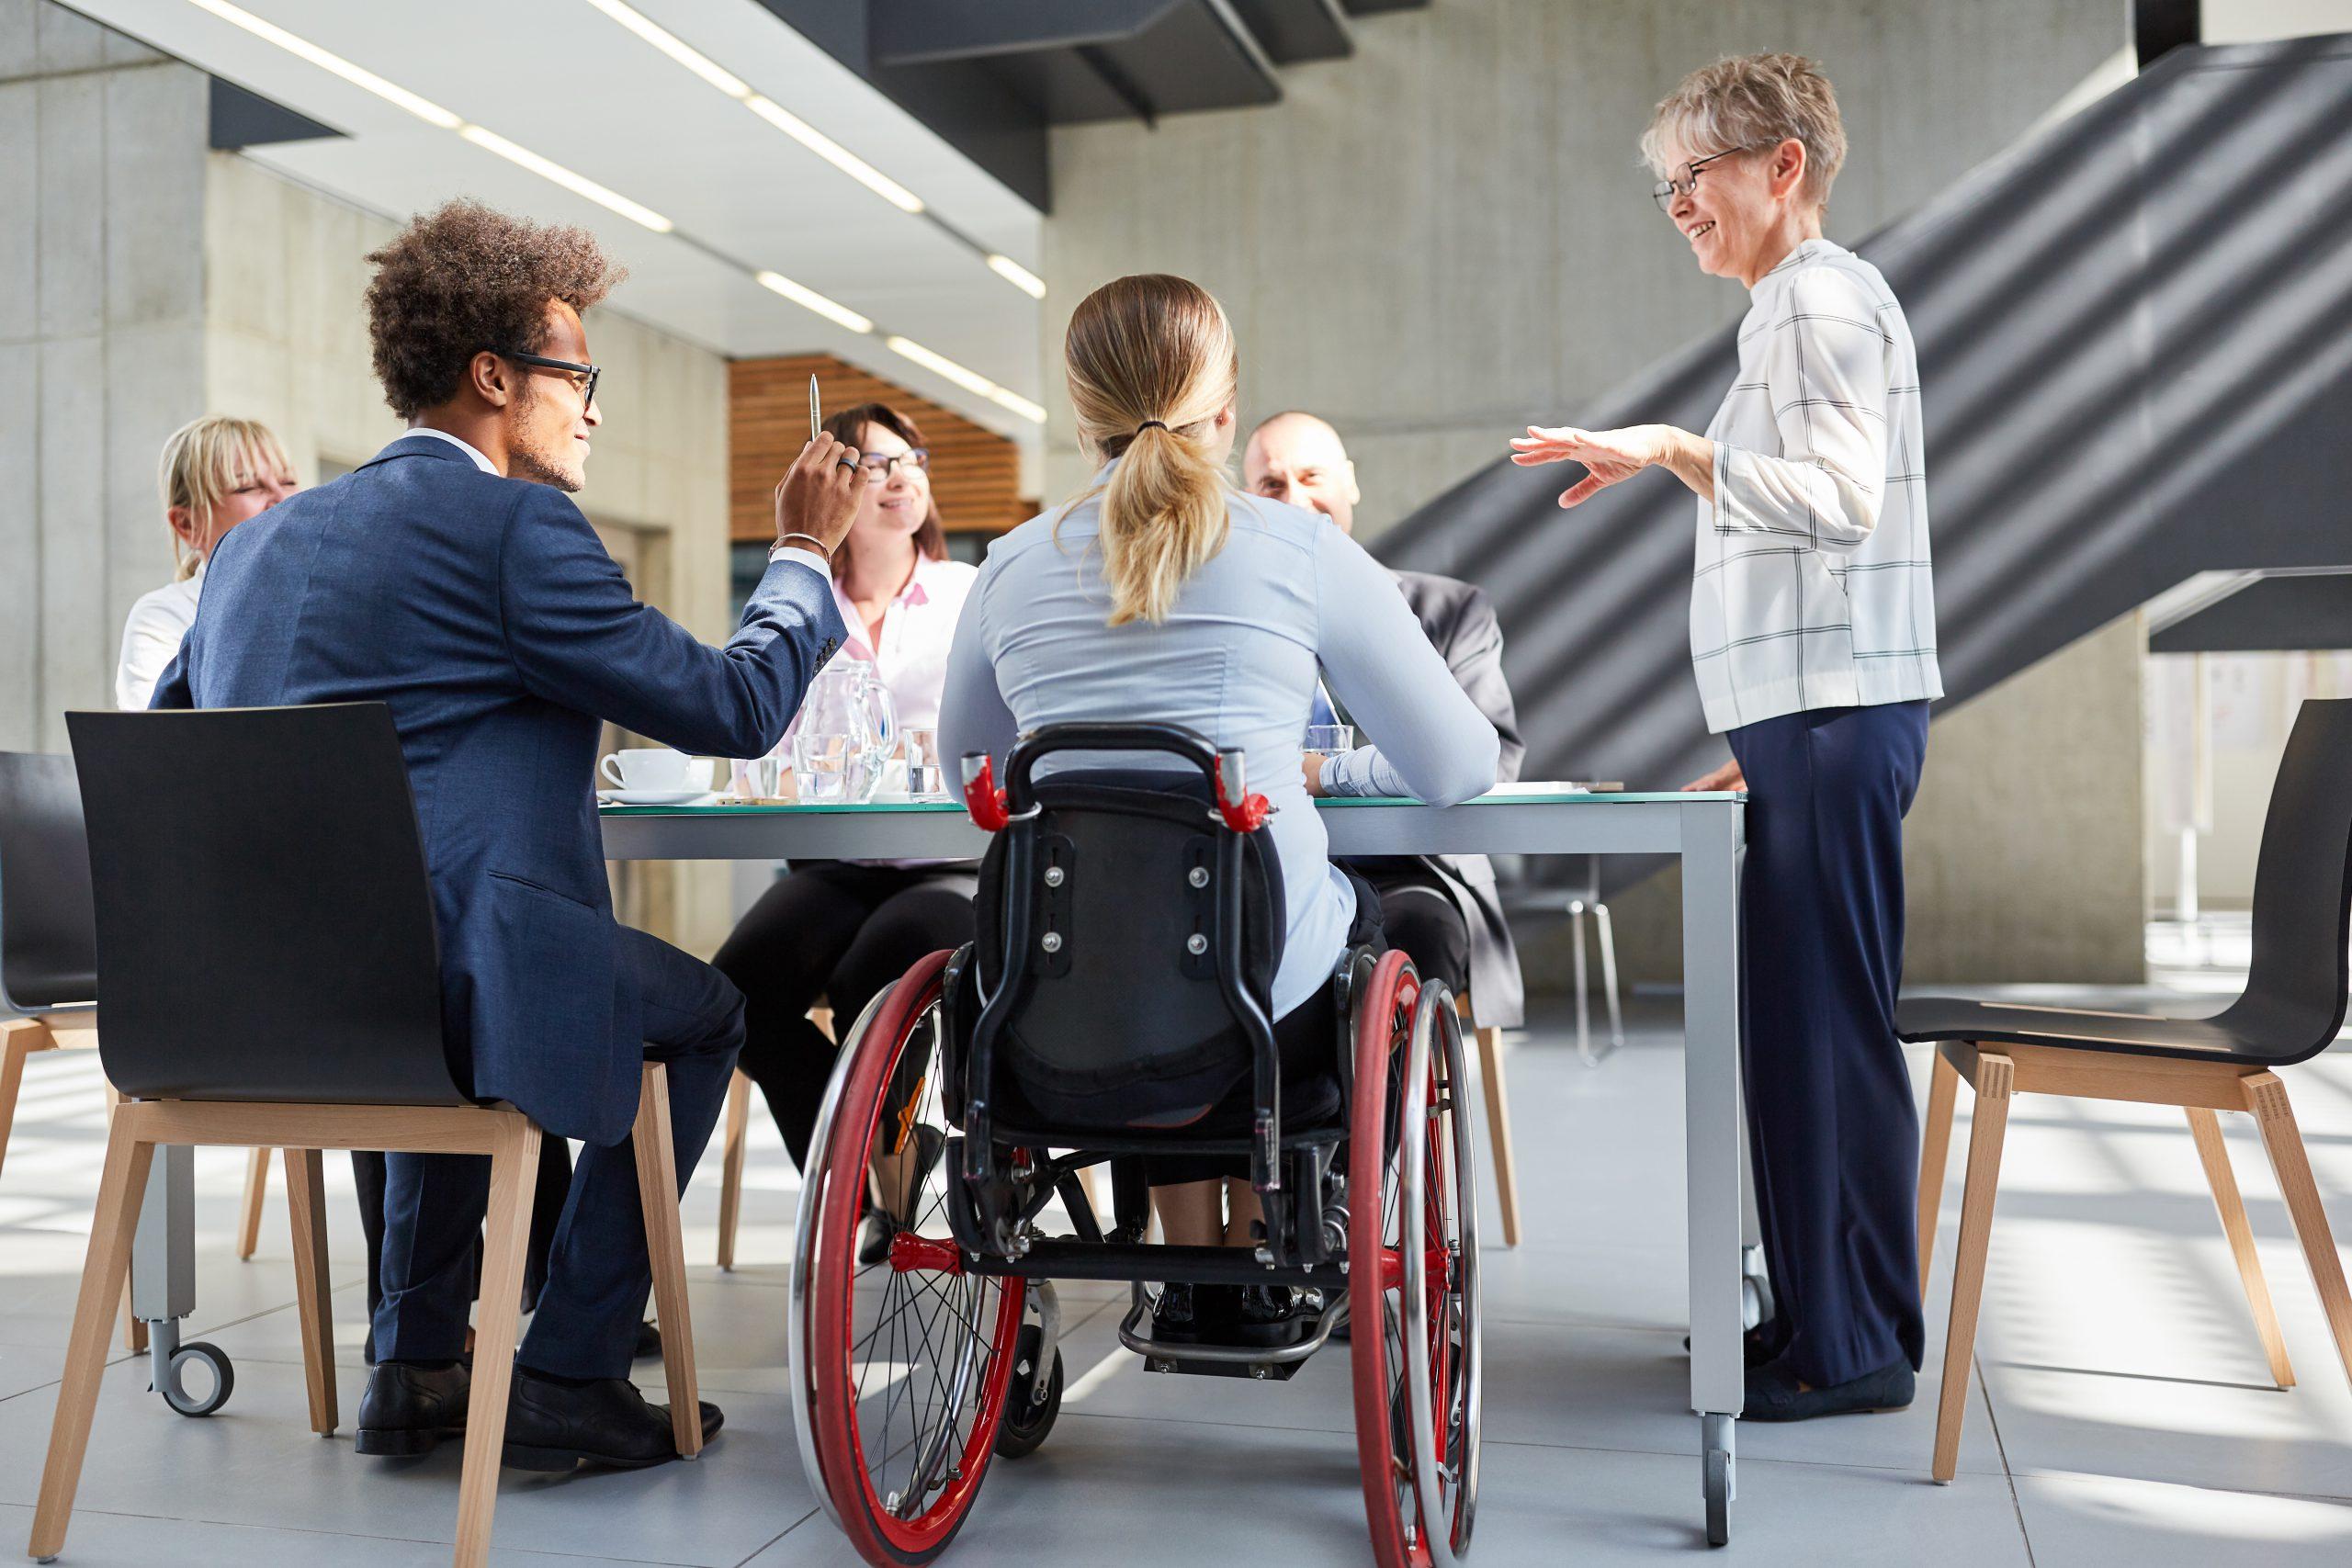 Mensen rond een tafel van wie 1 in een rolstoel